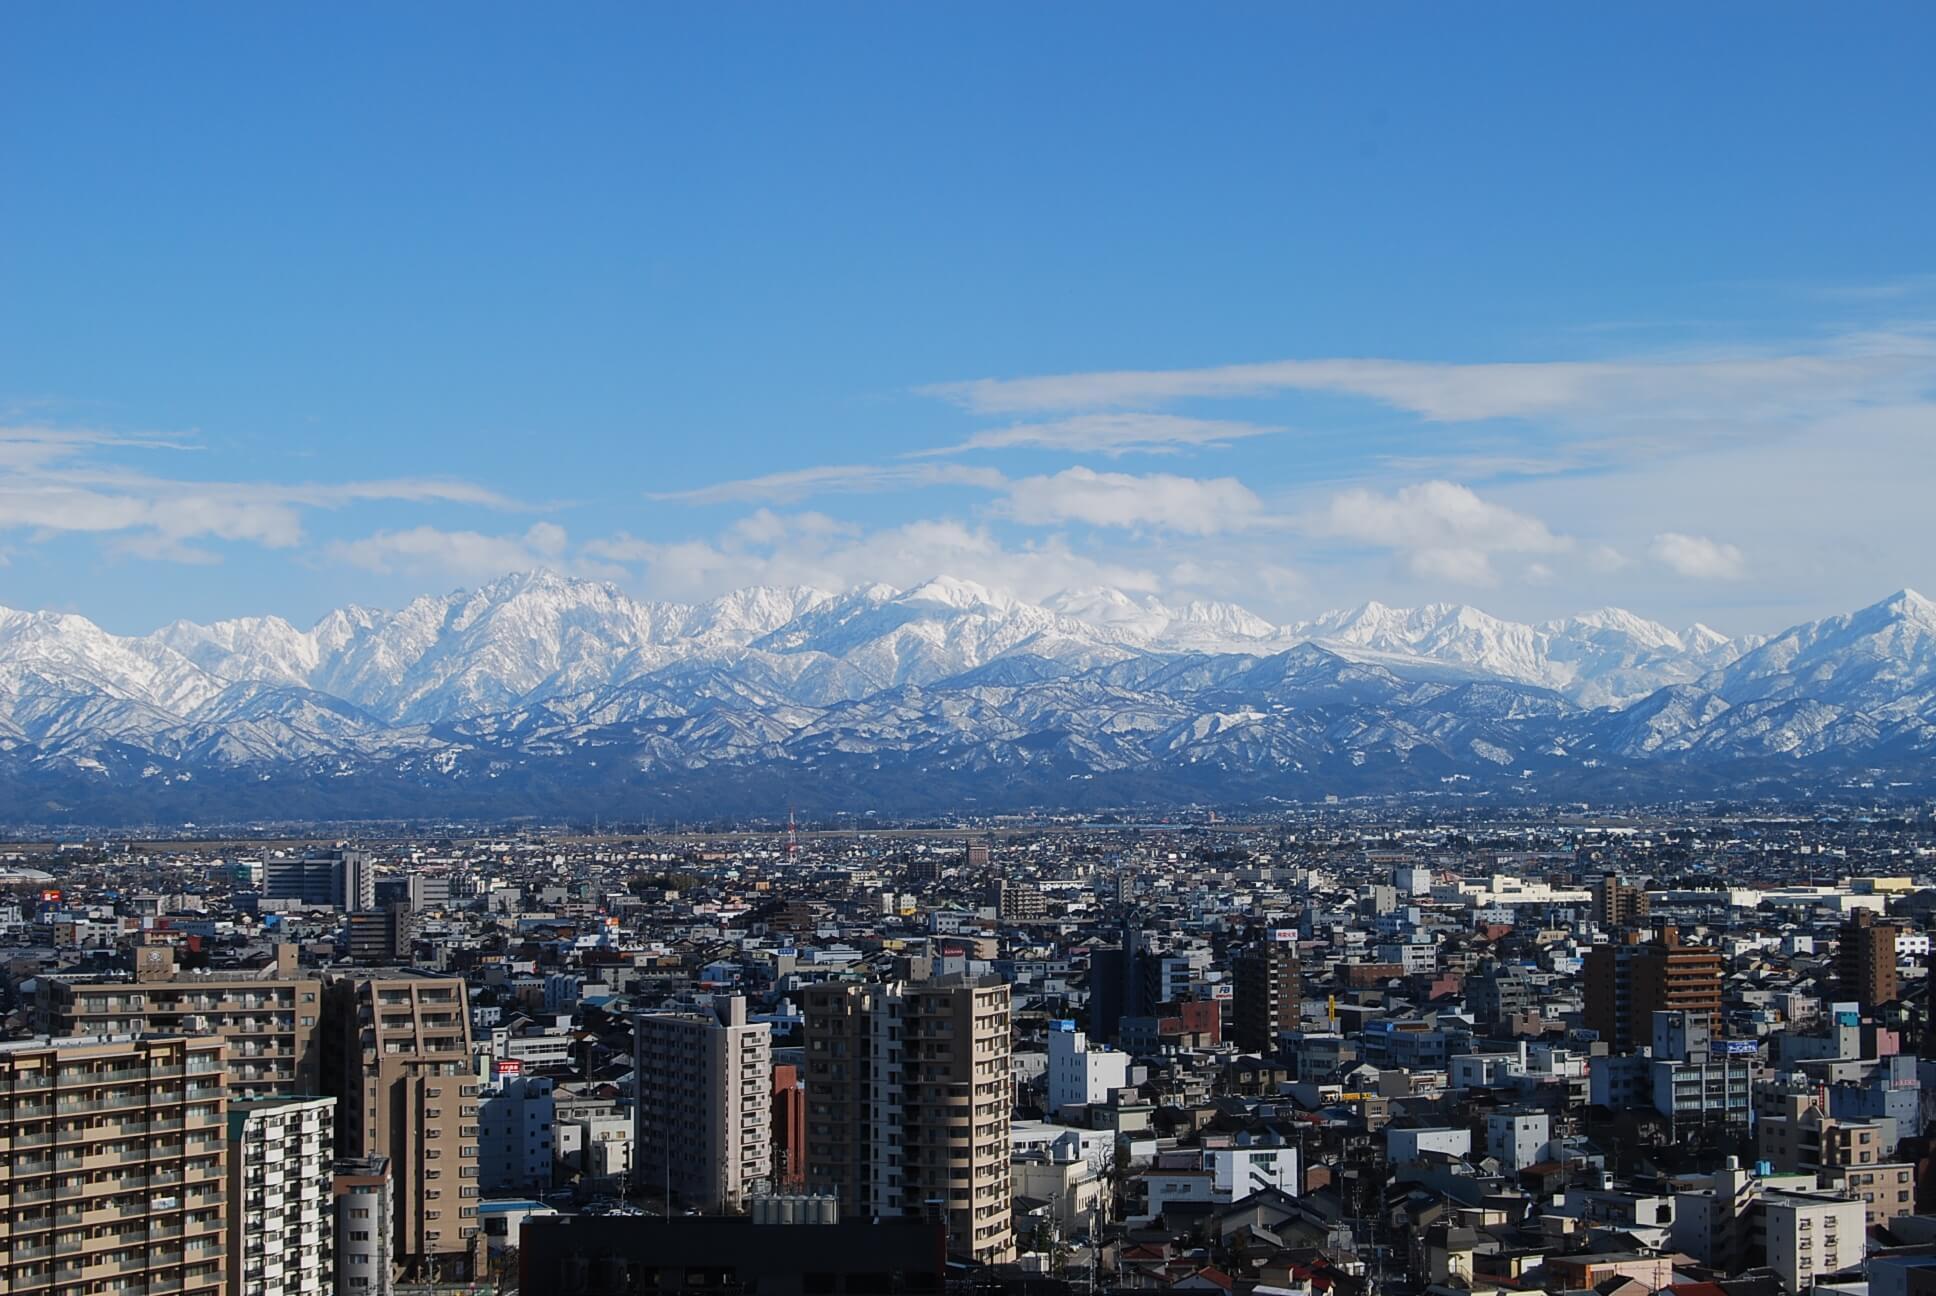 富山市役所展望塔日中_富山市役所観光政策課許諾済1215